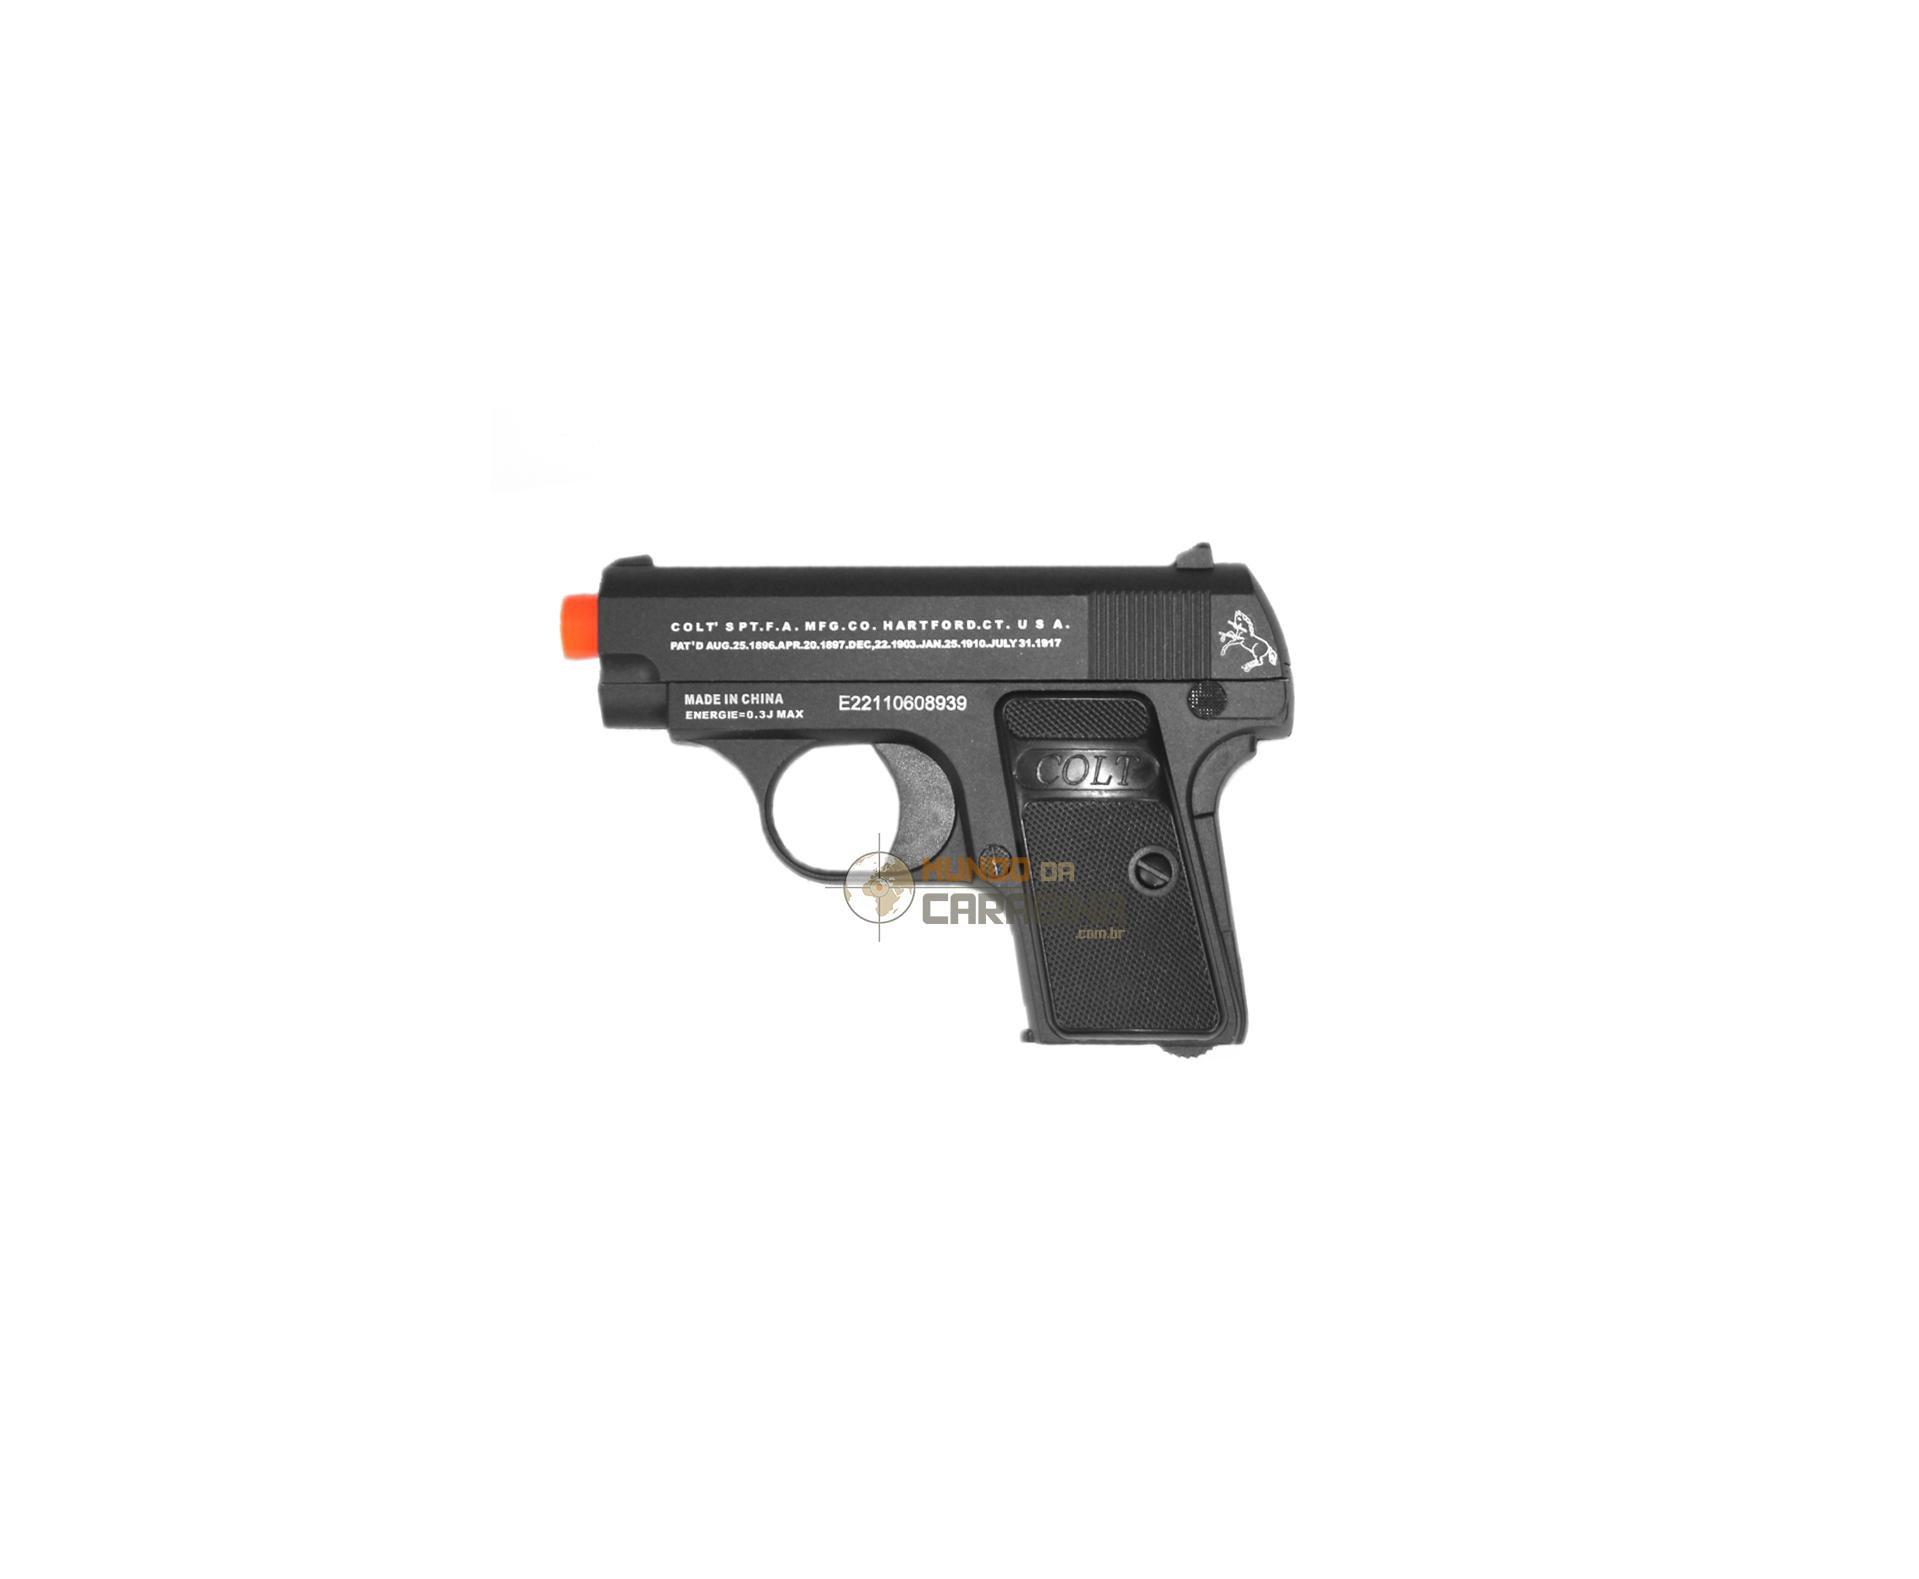 Pistola De Airsoft Colt 25 - Full Metal - Cal 6,0 Mm